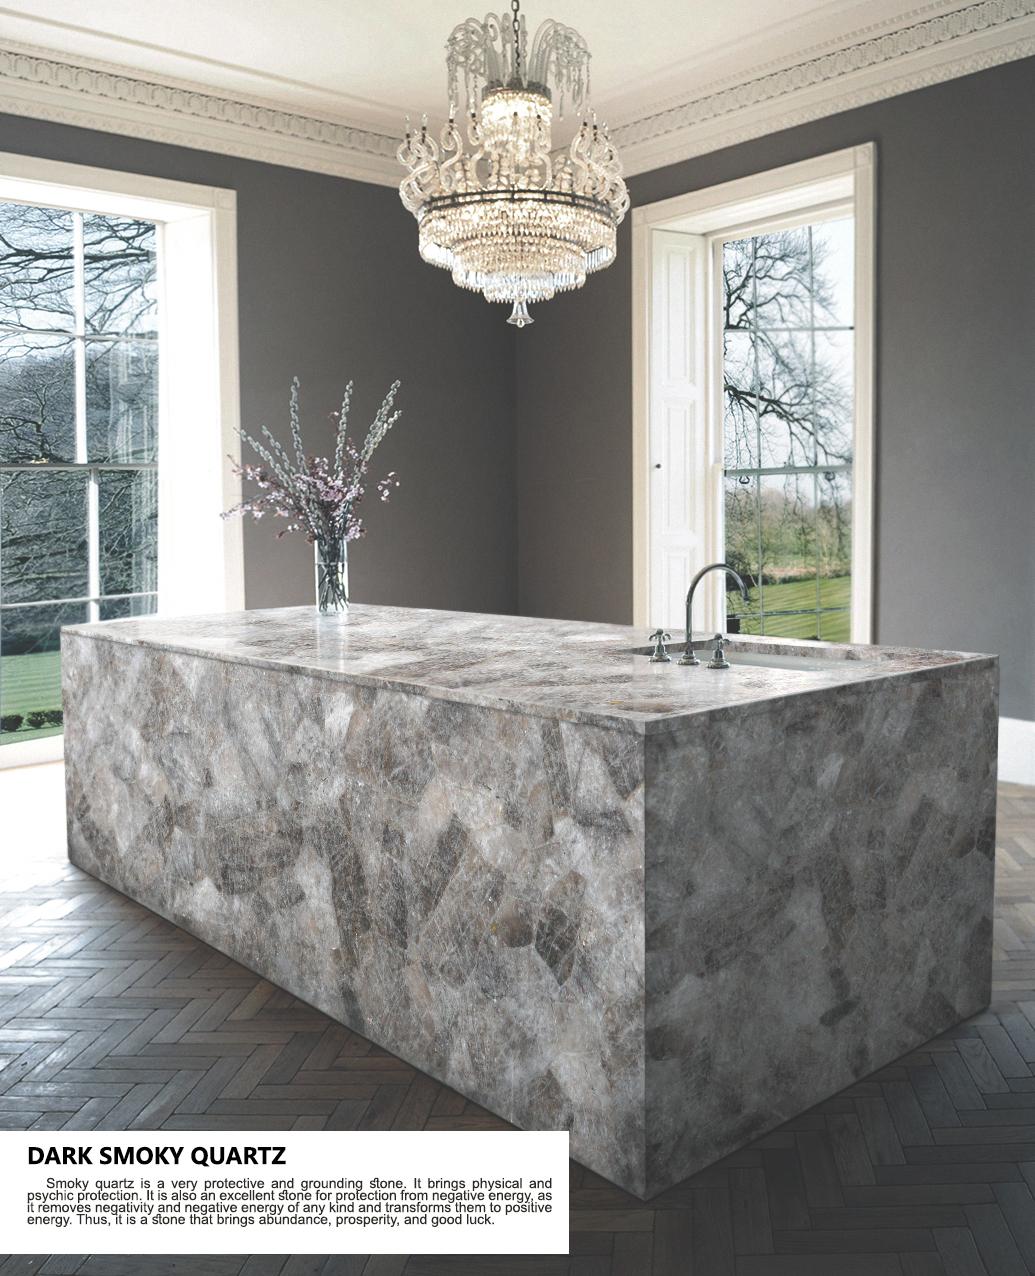 quartz smoky dark kitchen furniture.jpg